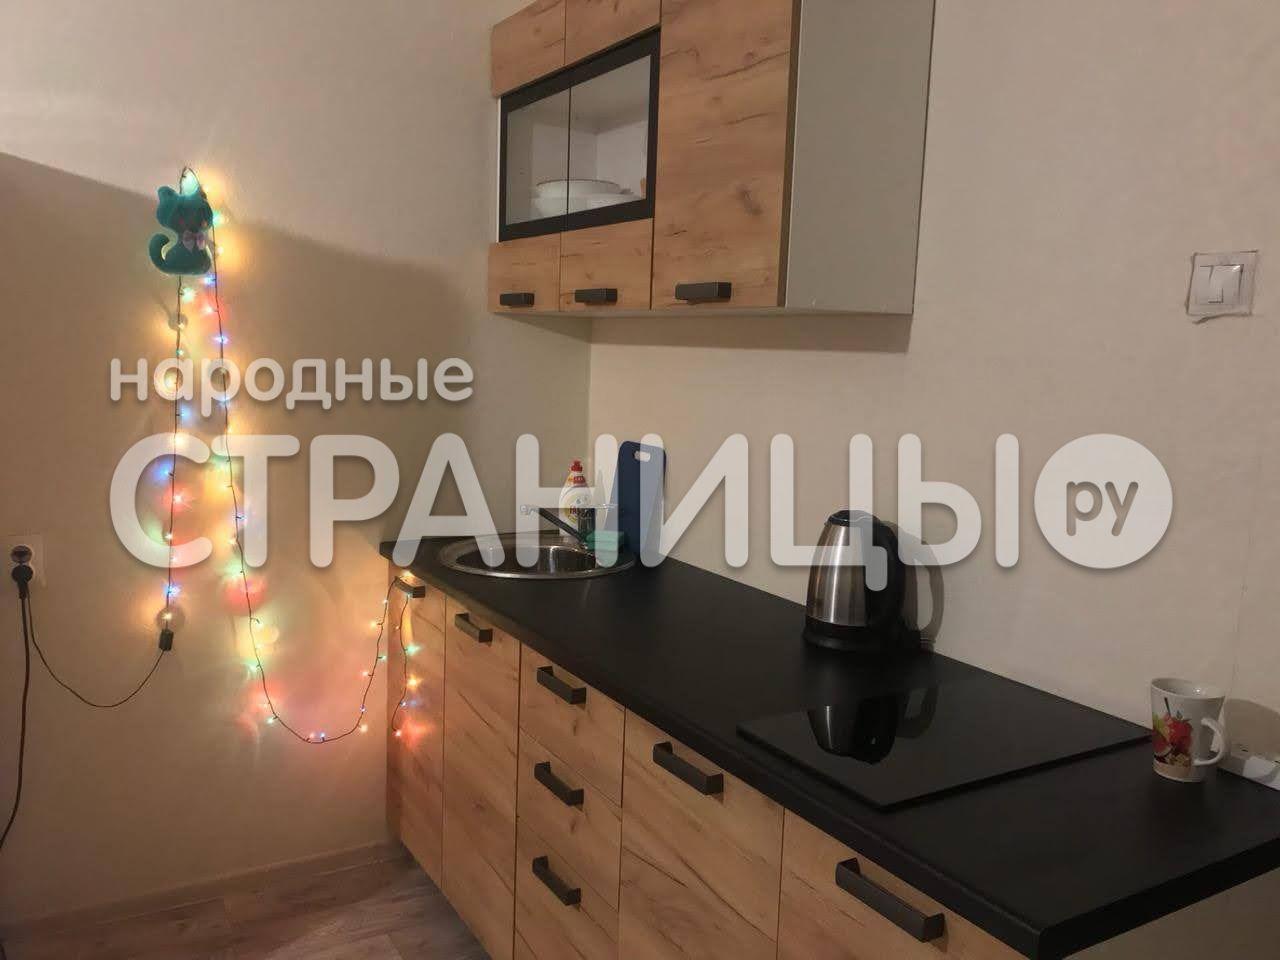 1-комнатная квартира, 23.0 м²,  7/17 эт. Панельный дом, Вторичное жилье